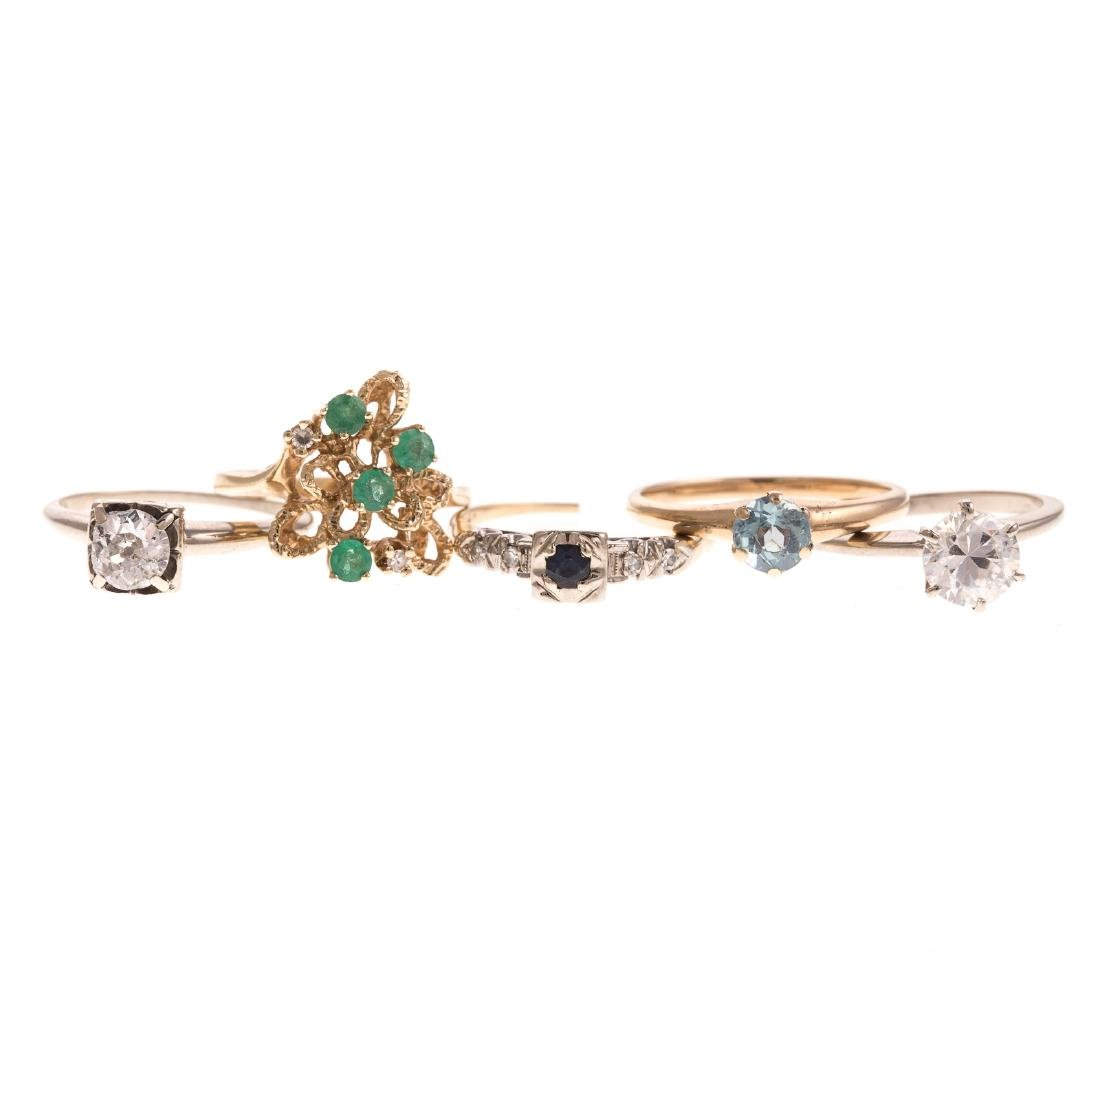 Five Ladies Diamond & Gemstone Rings in 14K